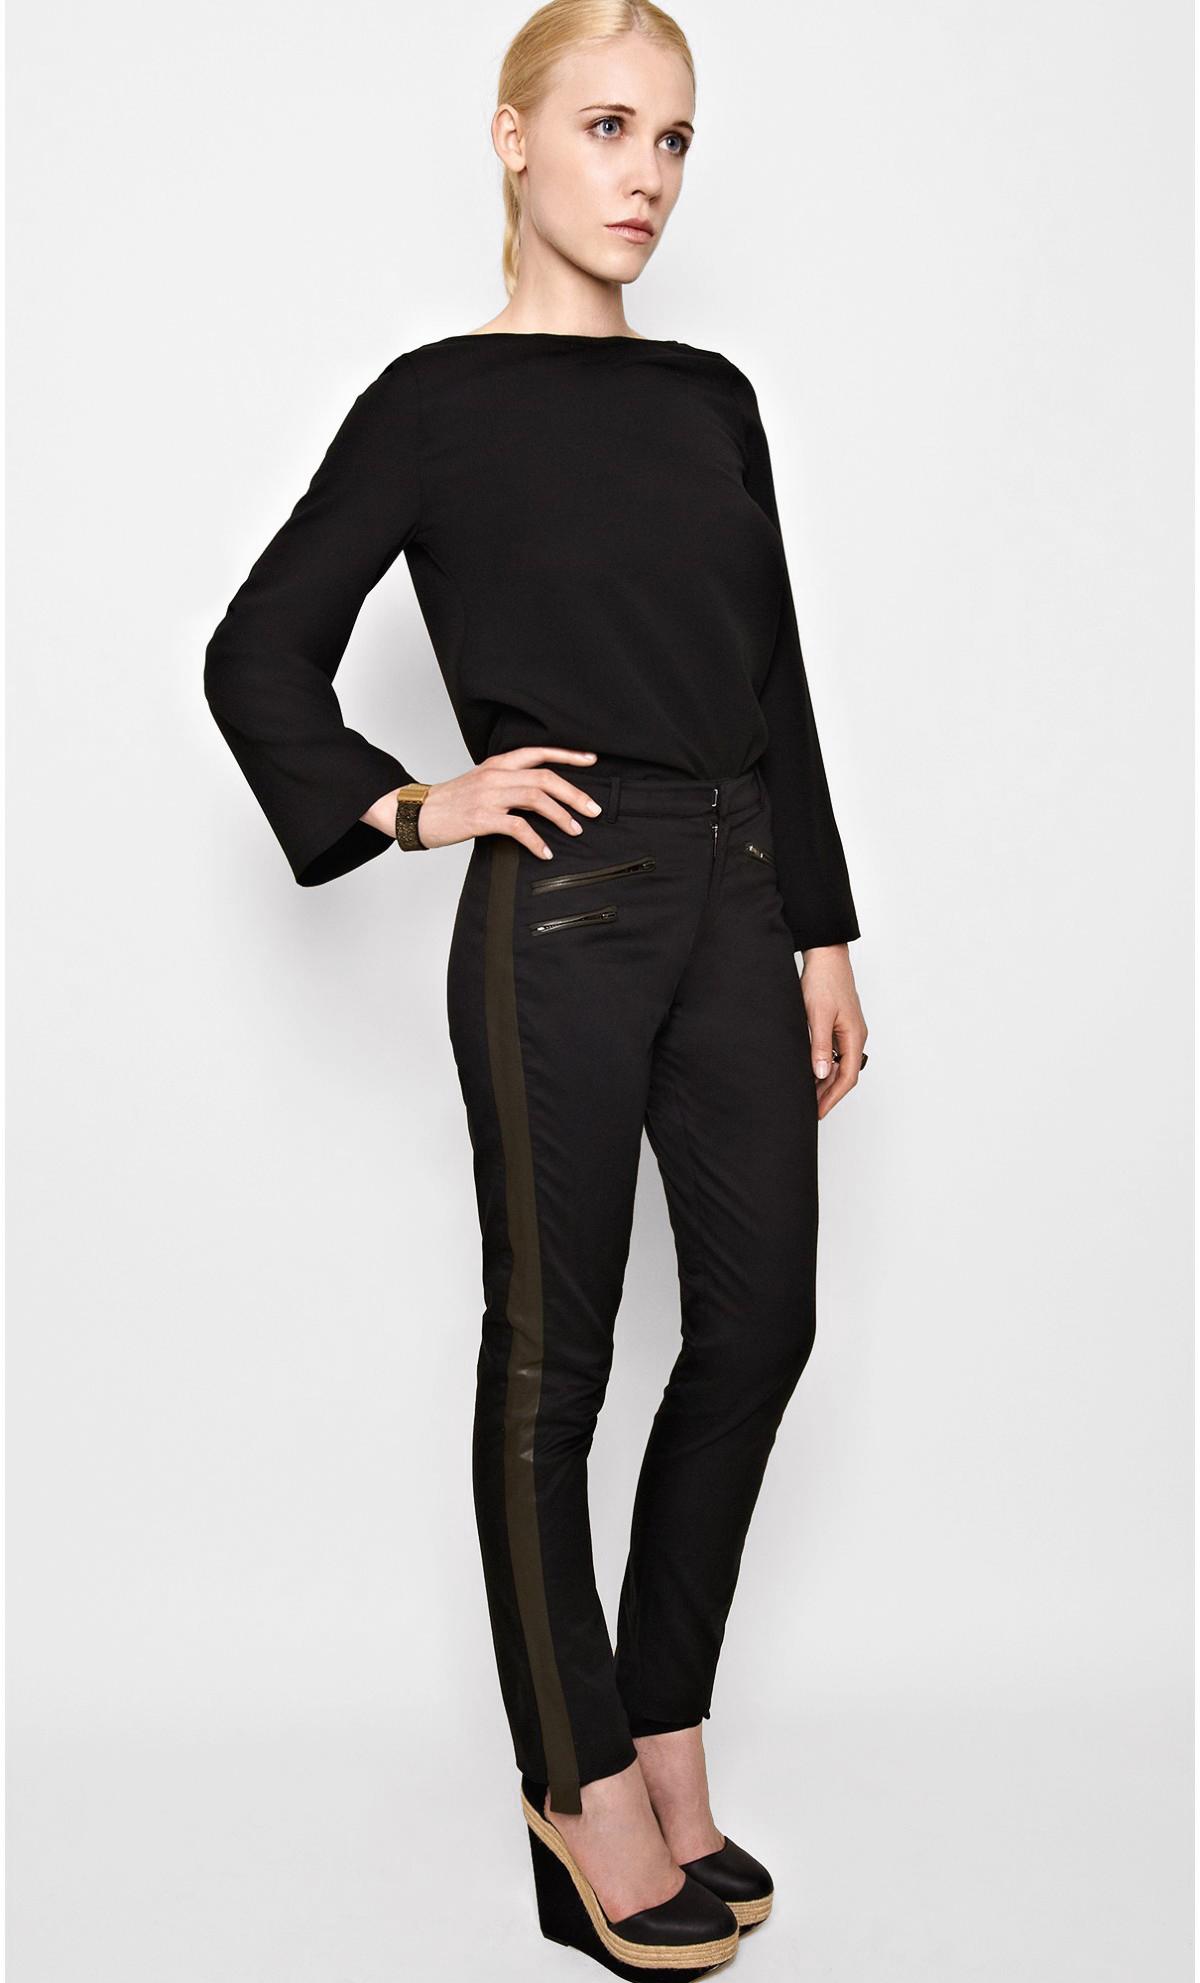 Pantalon bicolore cuir et coton